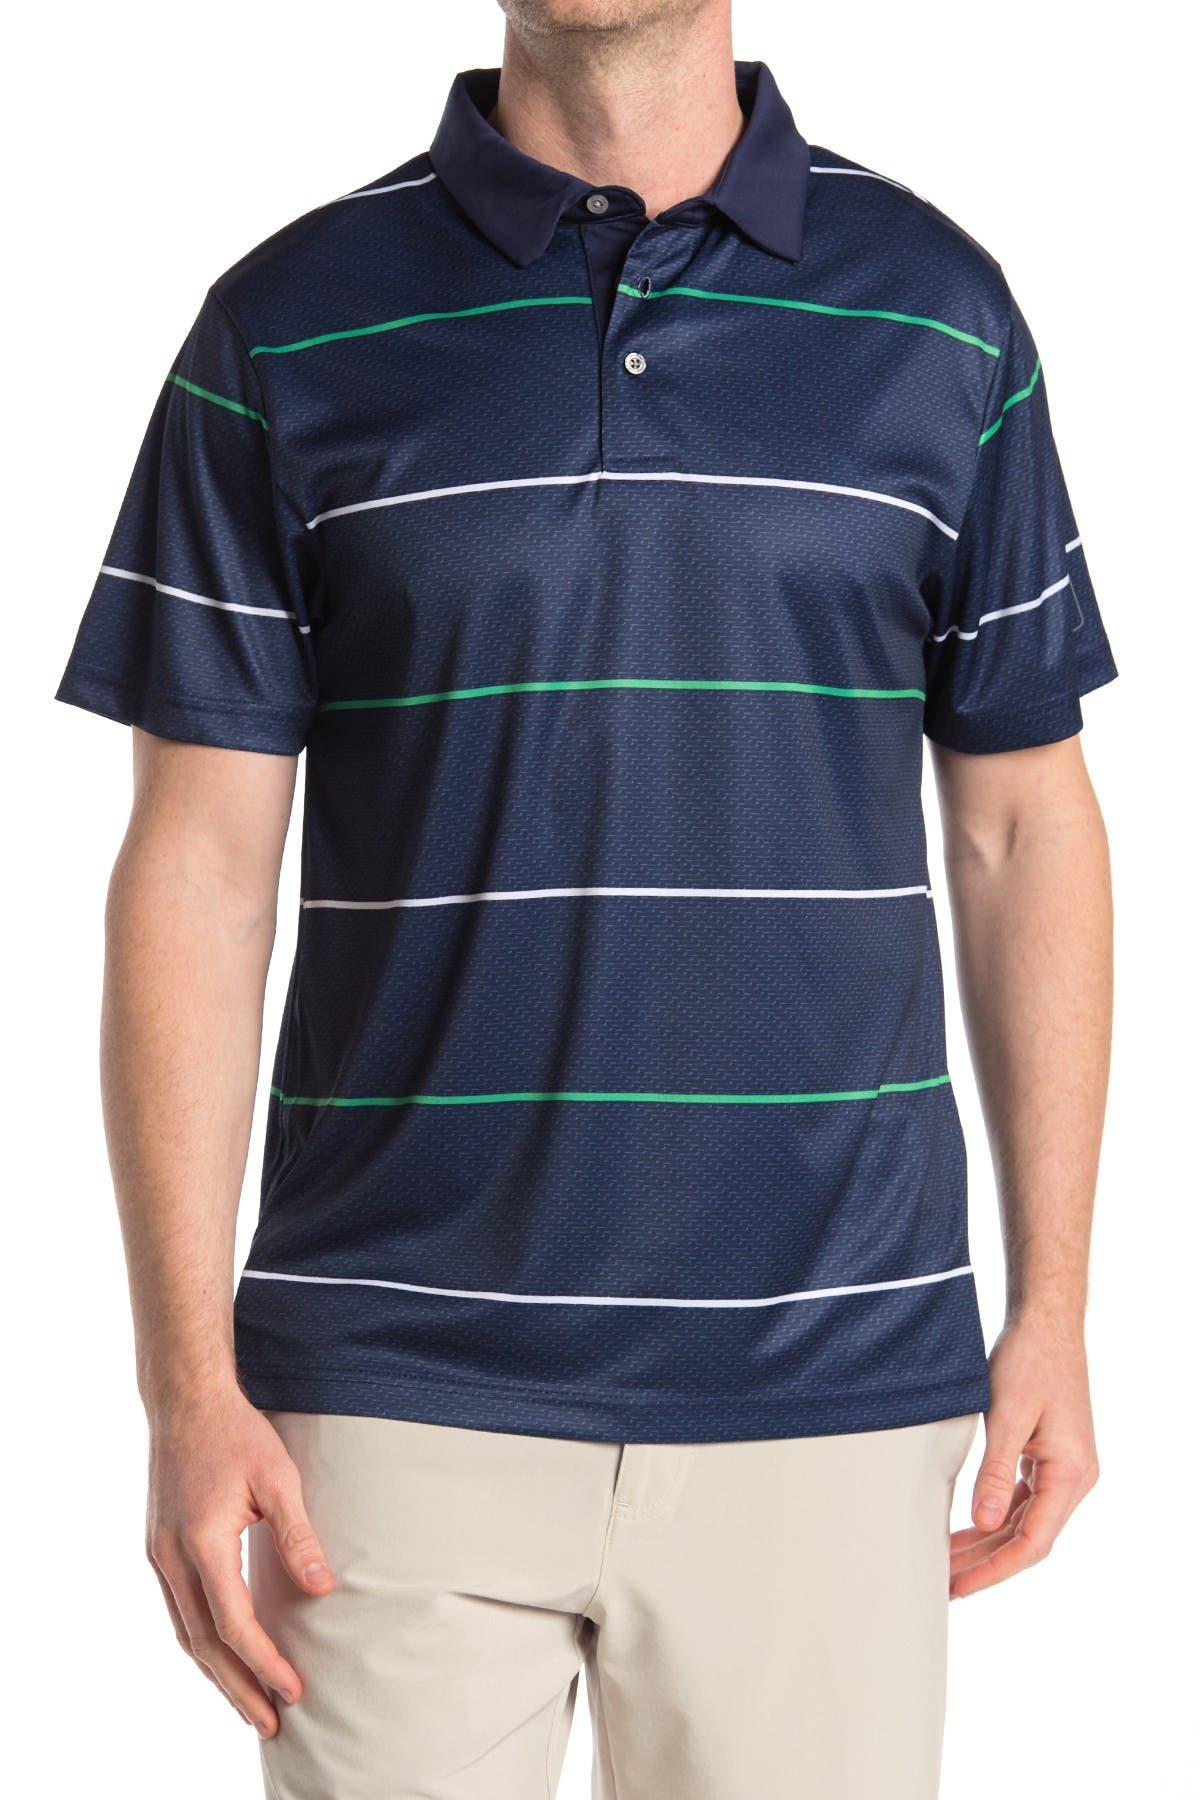 Image of PGA TOUR Tour Stripe Polo